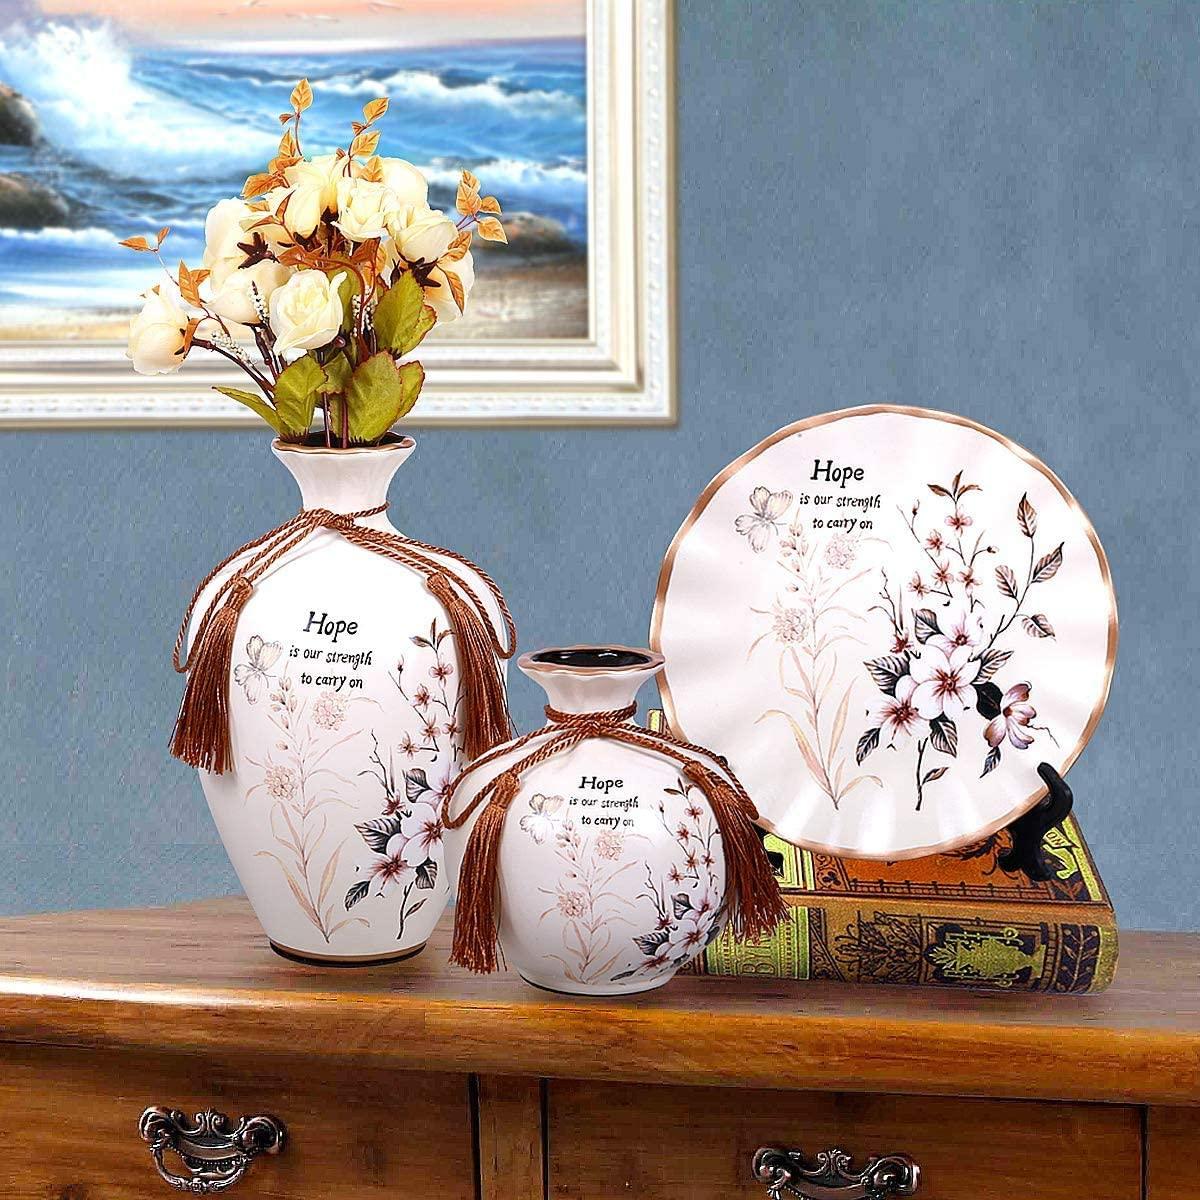 ROSE CREATE Ceramic Flower Vases, China Vase 3 in Set - White Flower Vases